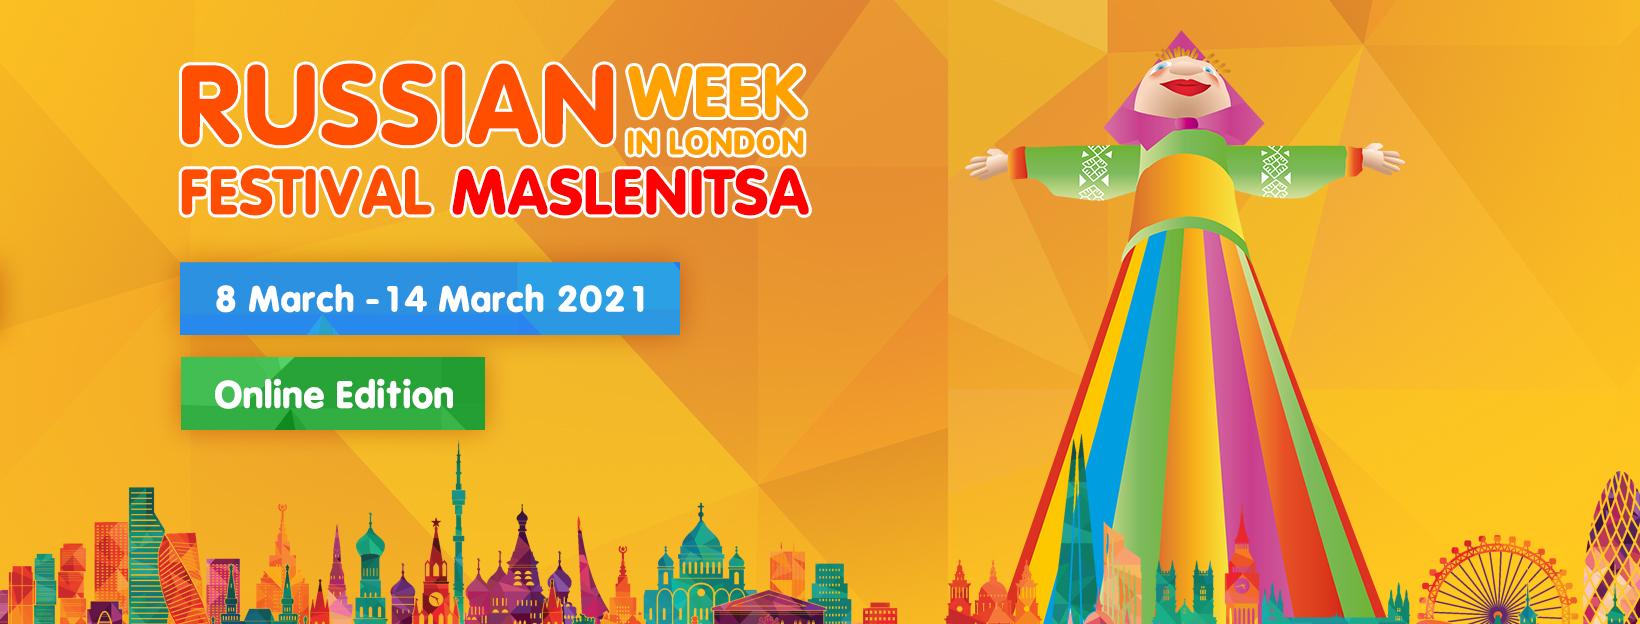 RUSSIAN WEEK IN LONDON – FESTIVAL MASLENITSA – ONLINE